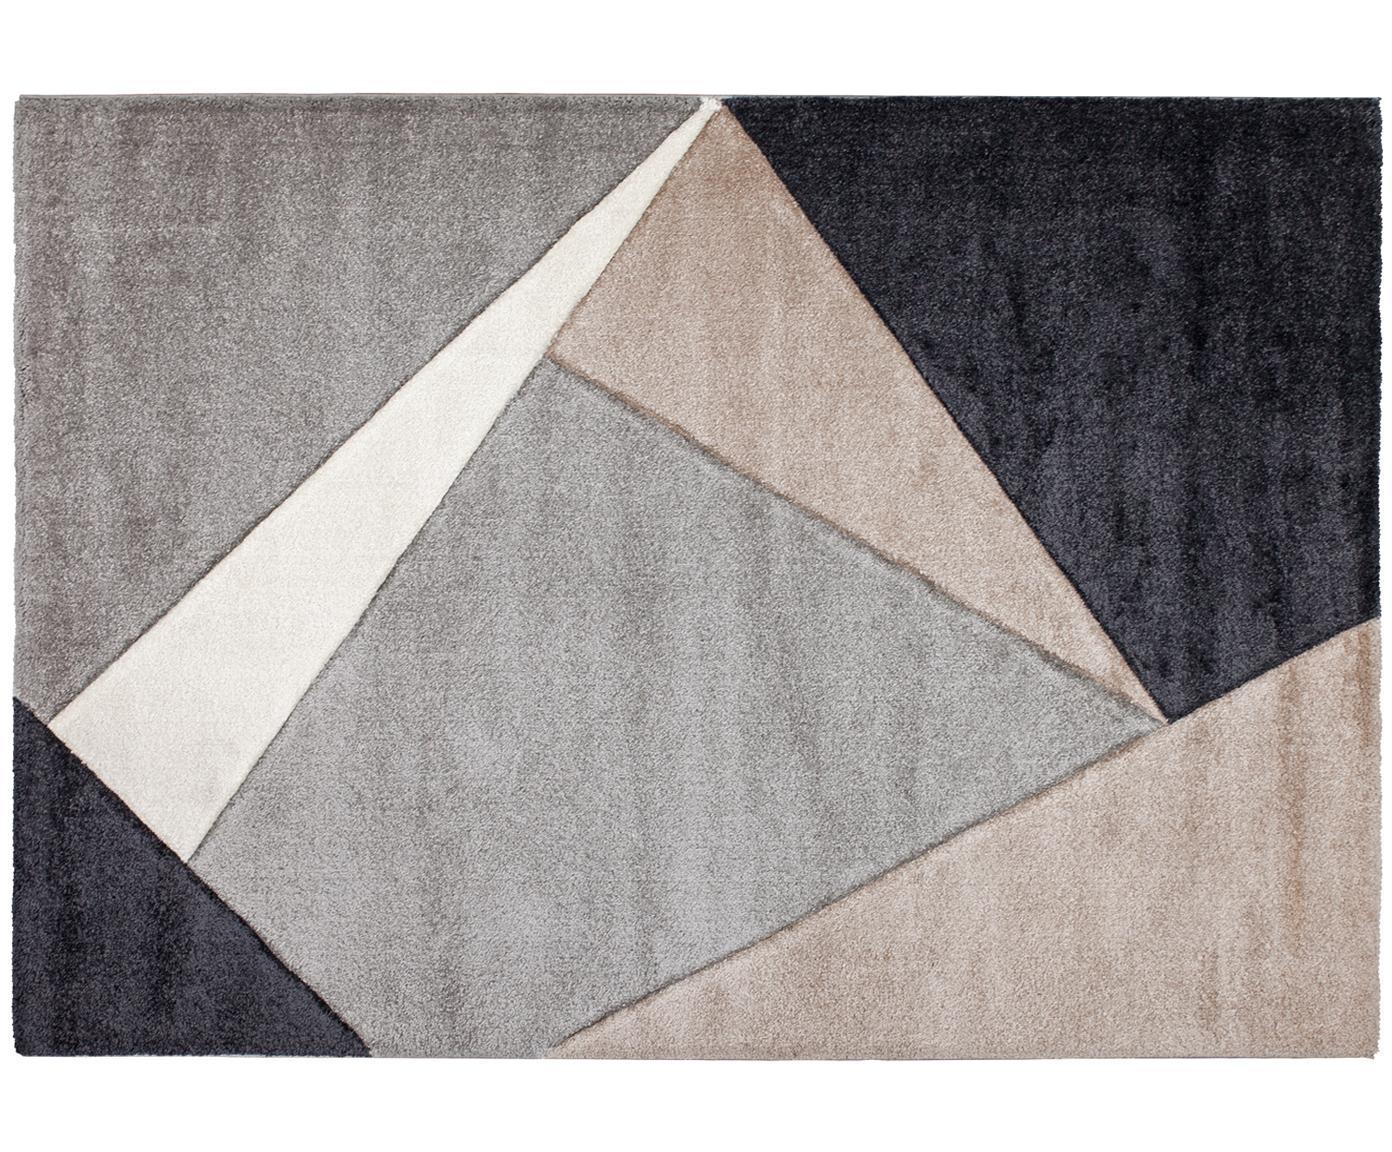 Teppich My Broadway mit geometrischem Muster in Beige-Grau, Flor: 100% Polypropylen, Taupe, Beige, Anthrazit, Grau, B 120 x L 170 cm (Größe S)